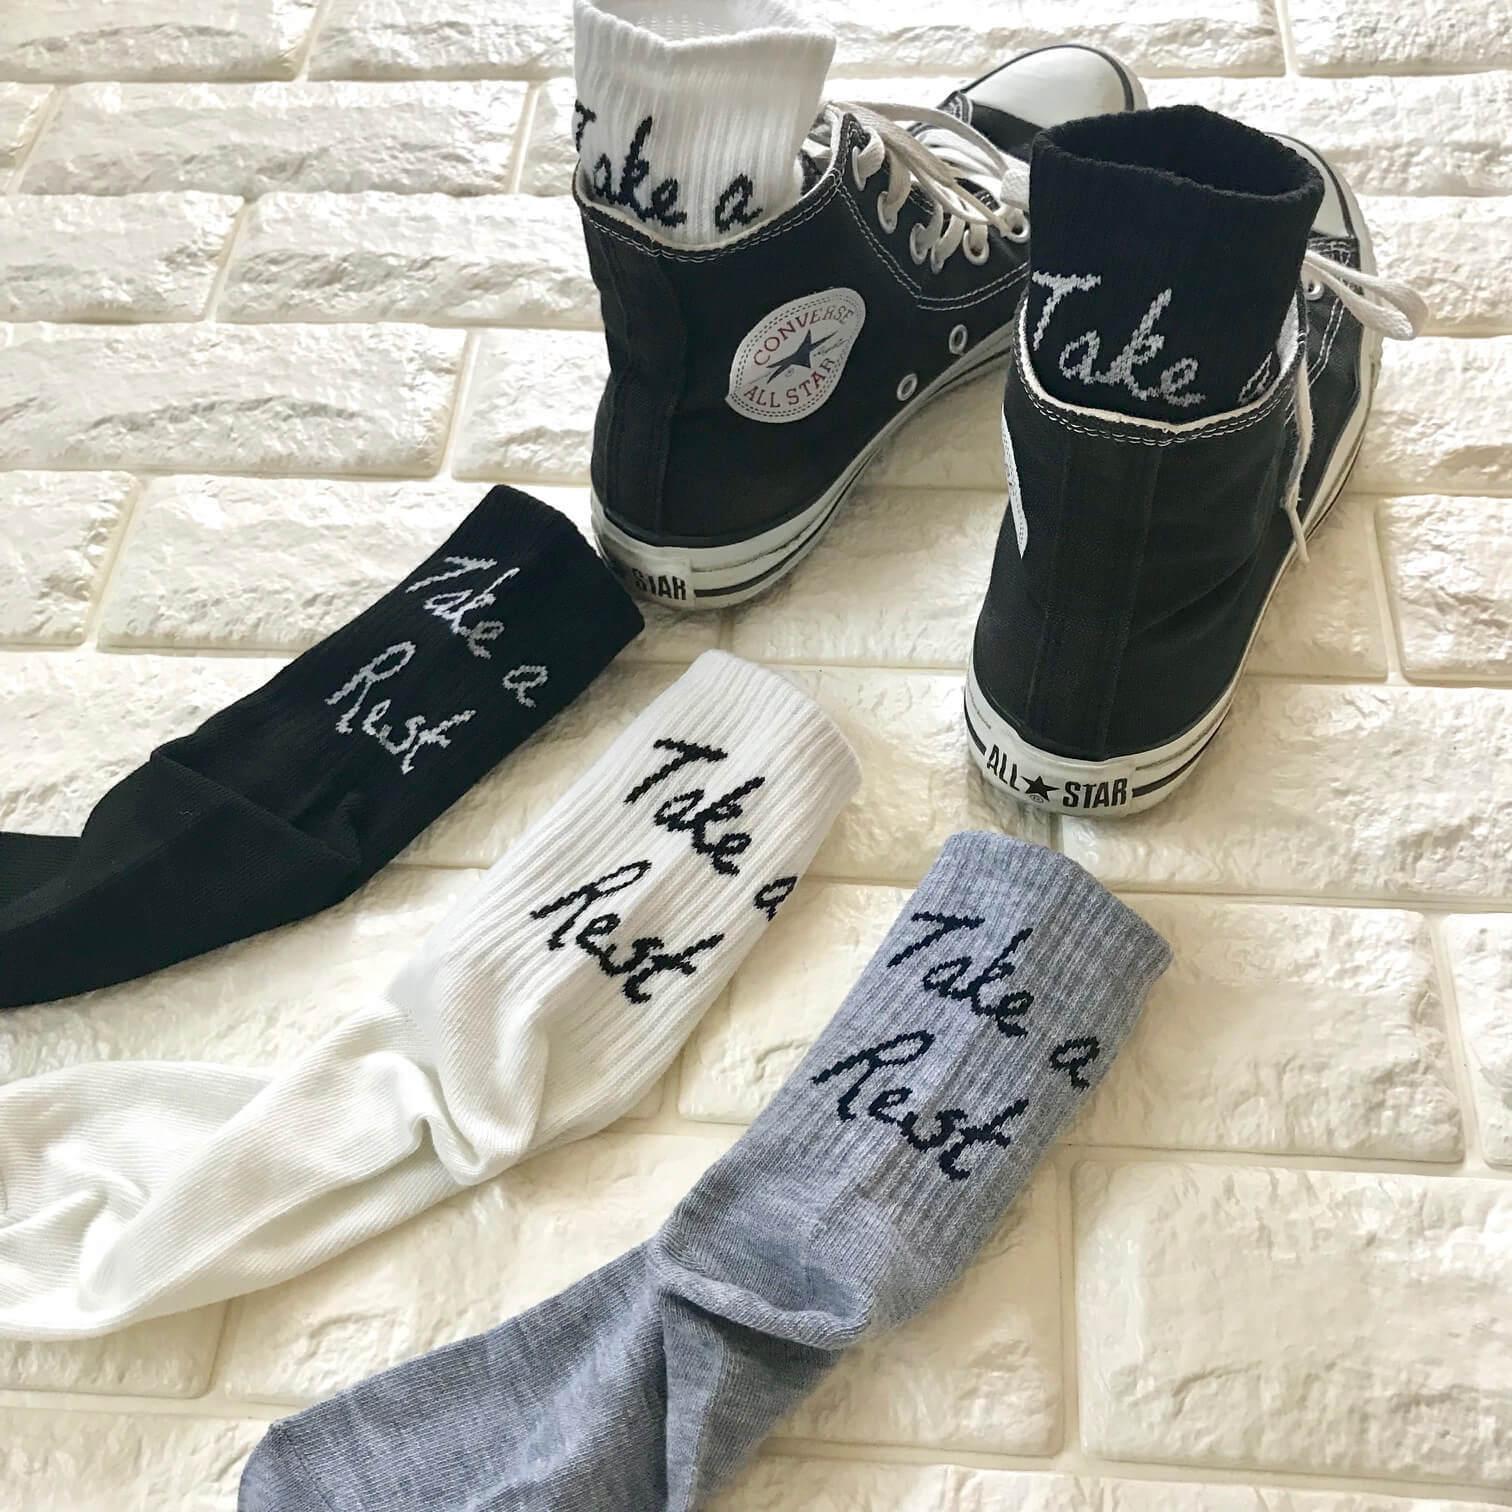 ダイソーの靴下とコンバースを合わせた画像